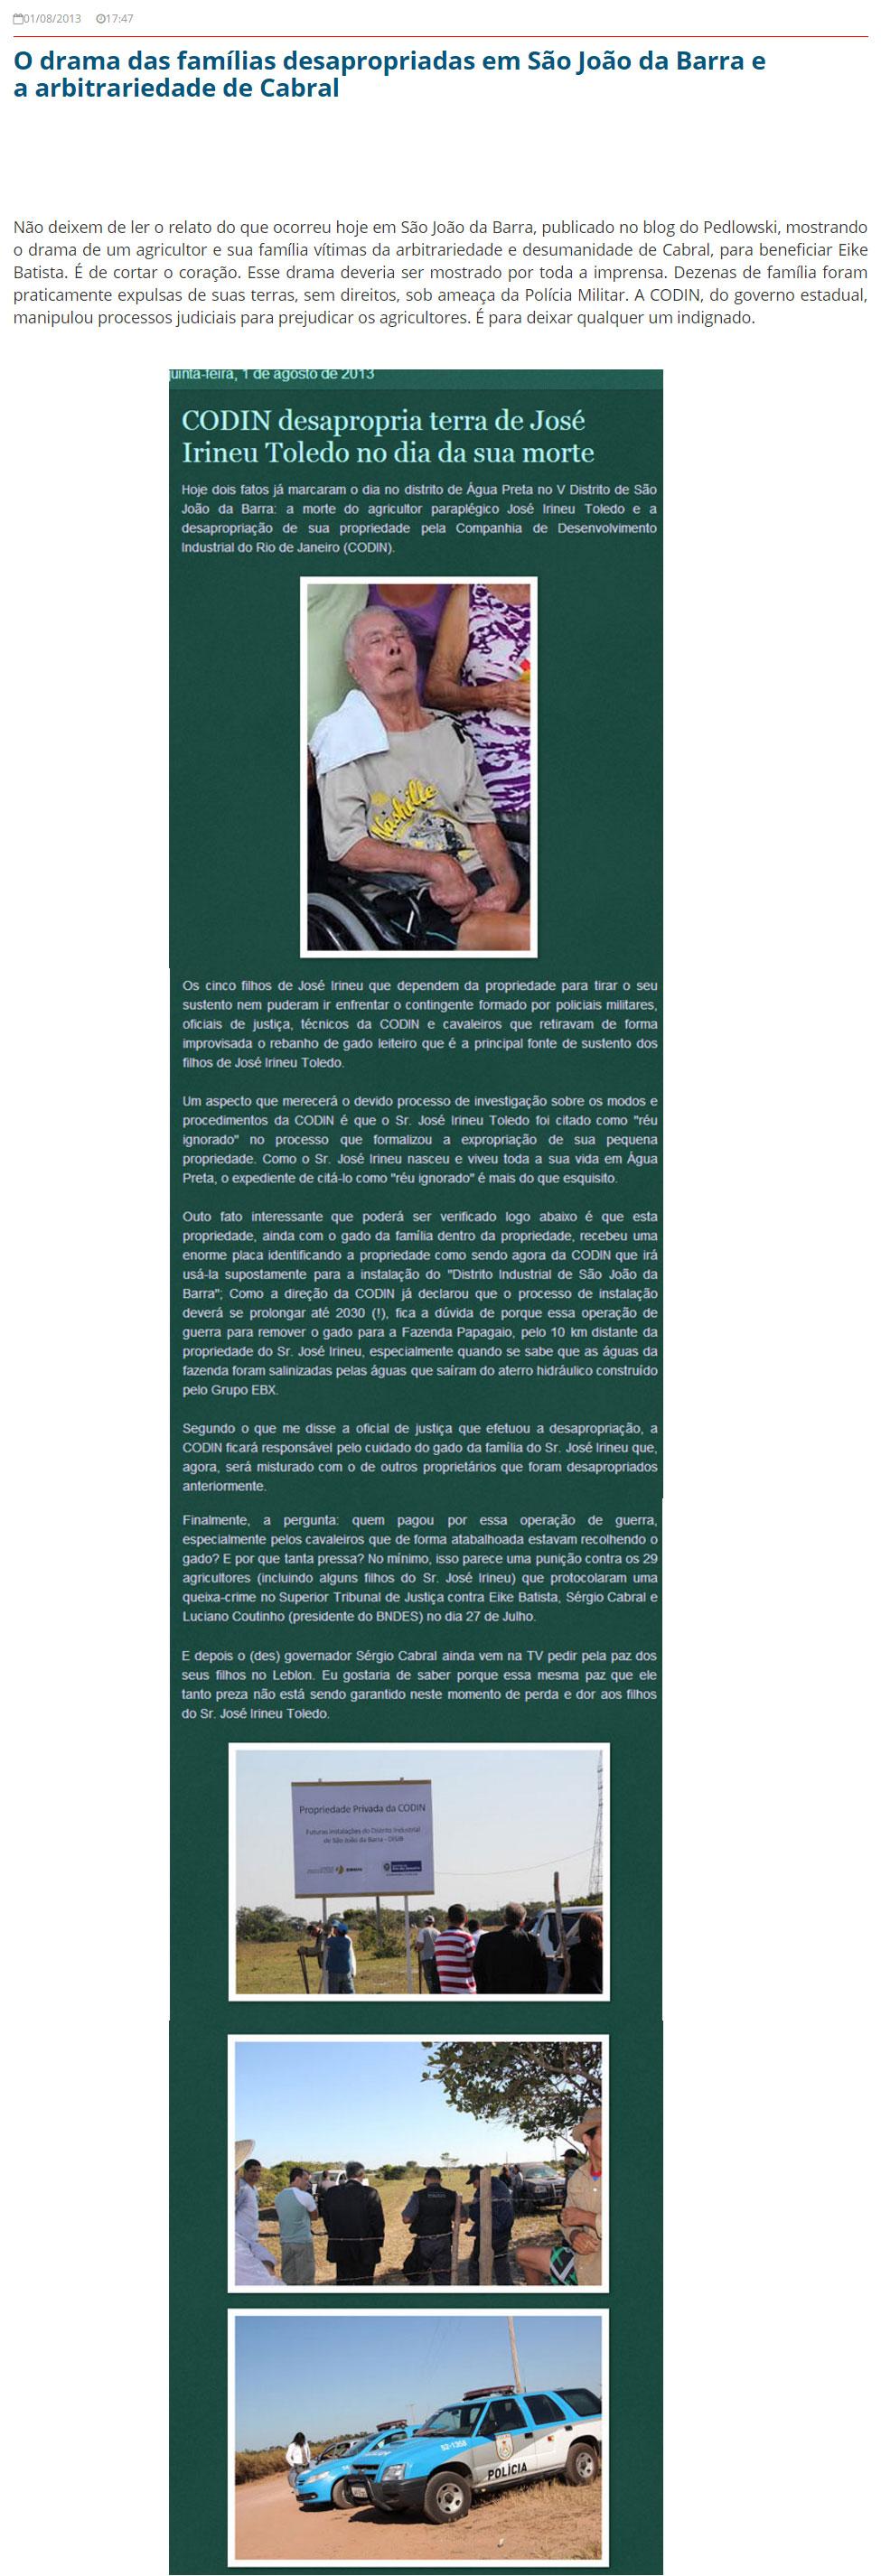 Reprodução do Blog do Garotinho (2013) com matéria do Blog do Pedlowski<br />